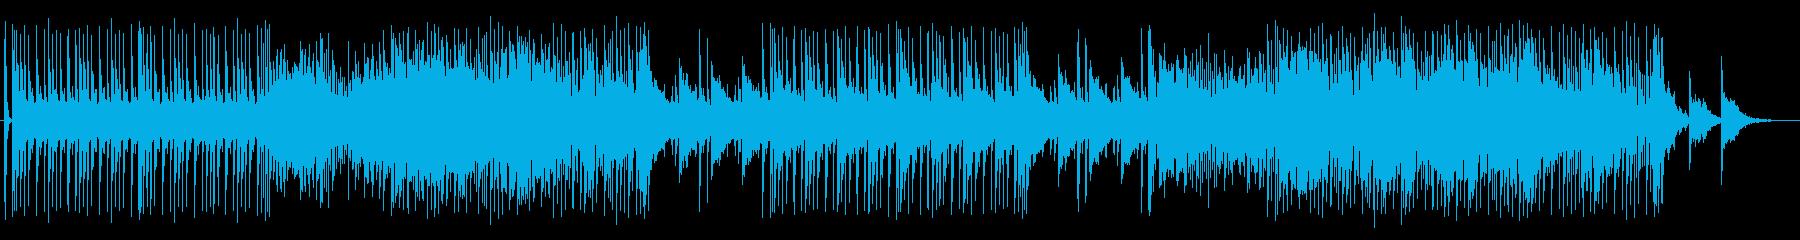 スローテンポのテクノサウンドの再生済みの波形